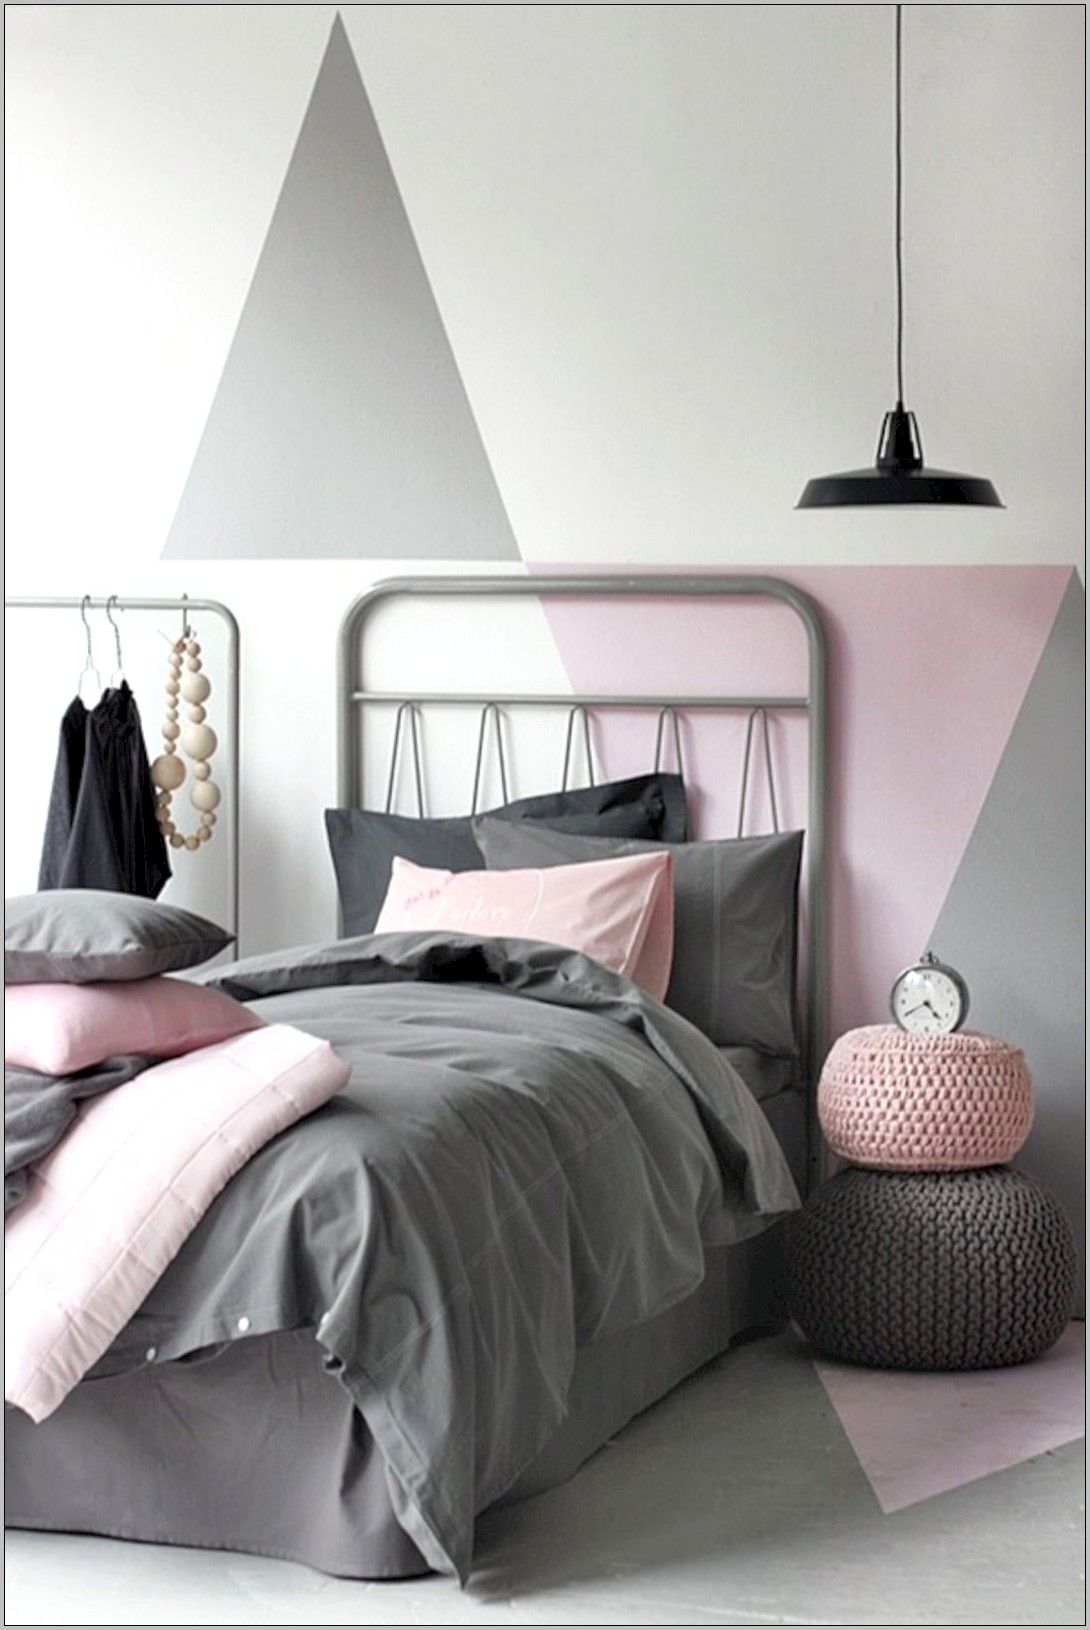 Chambre Simple D Ado Fille Deco Noir Blanc Et Rose En 2020 Deco